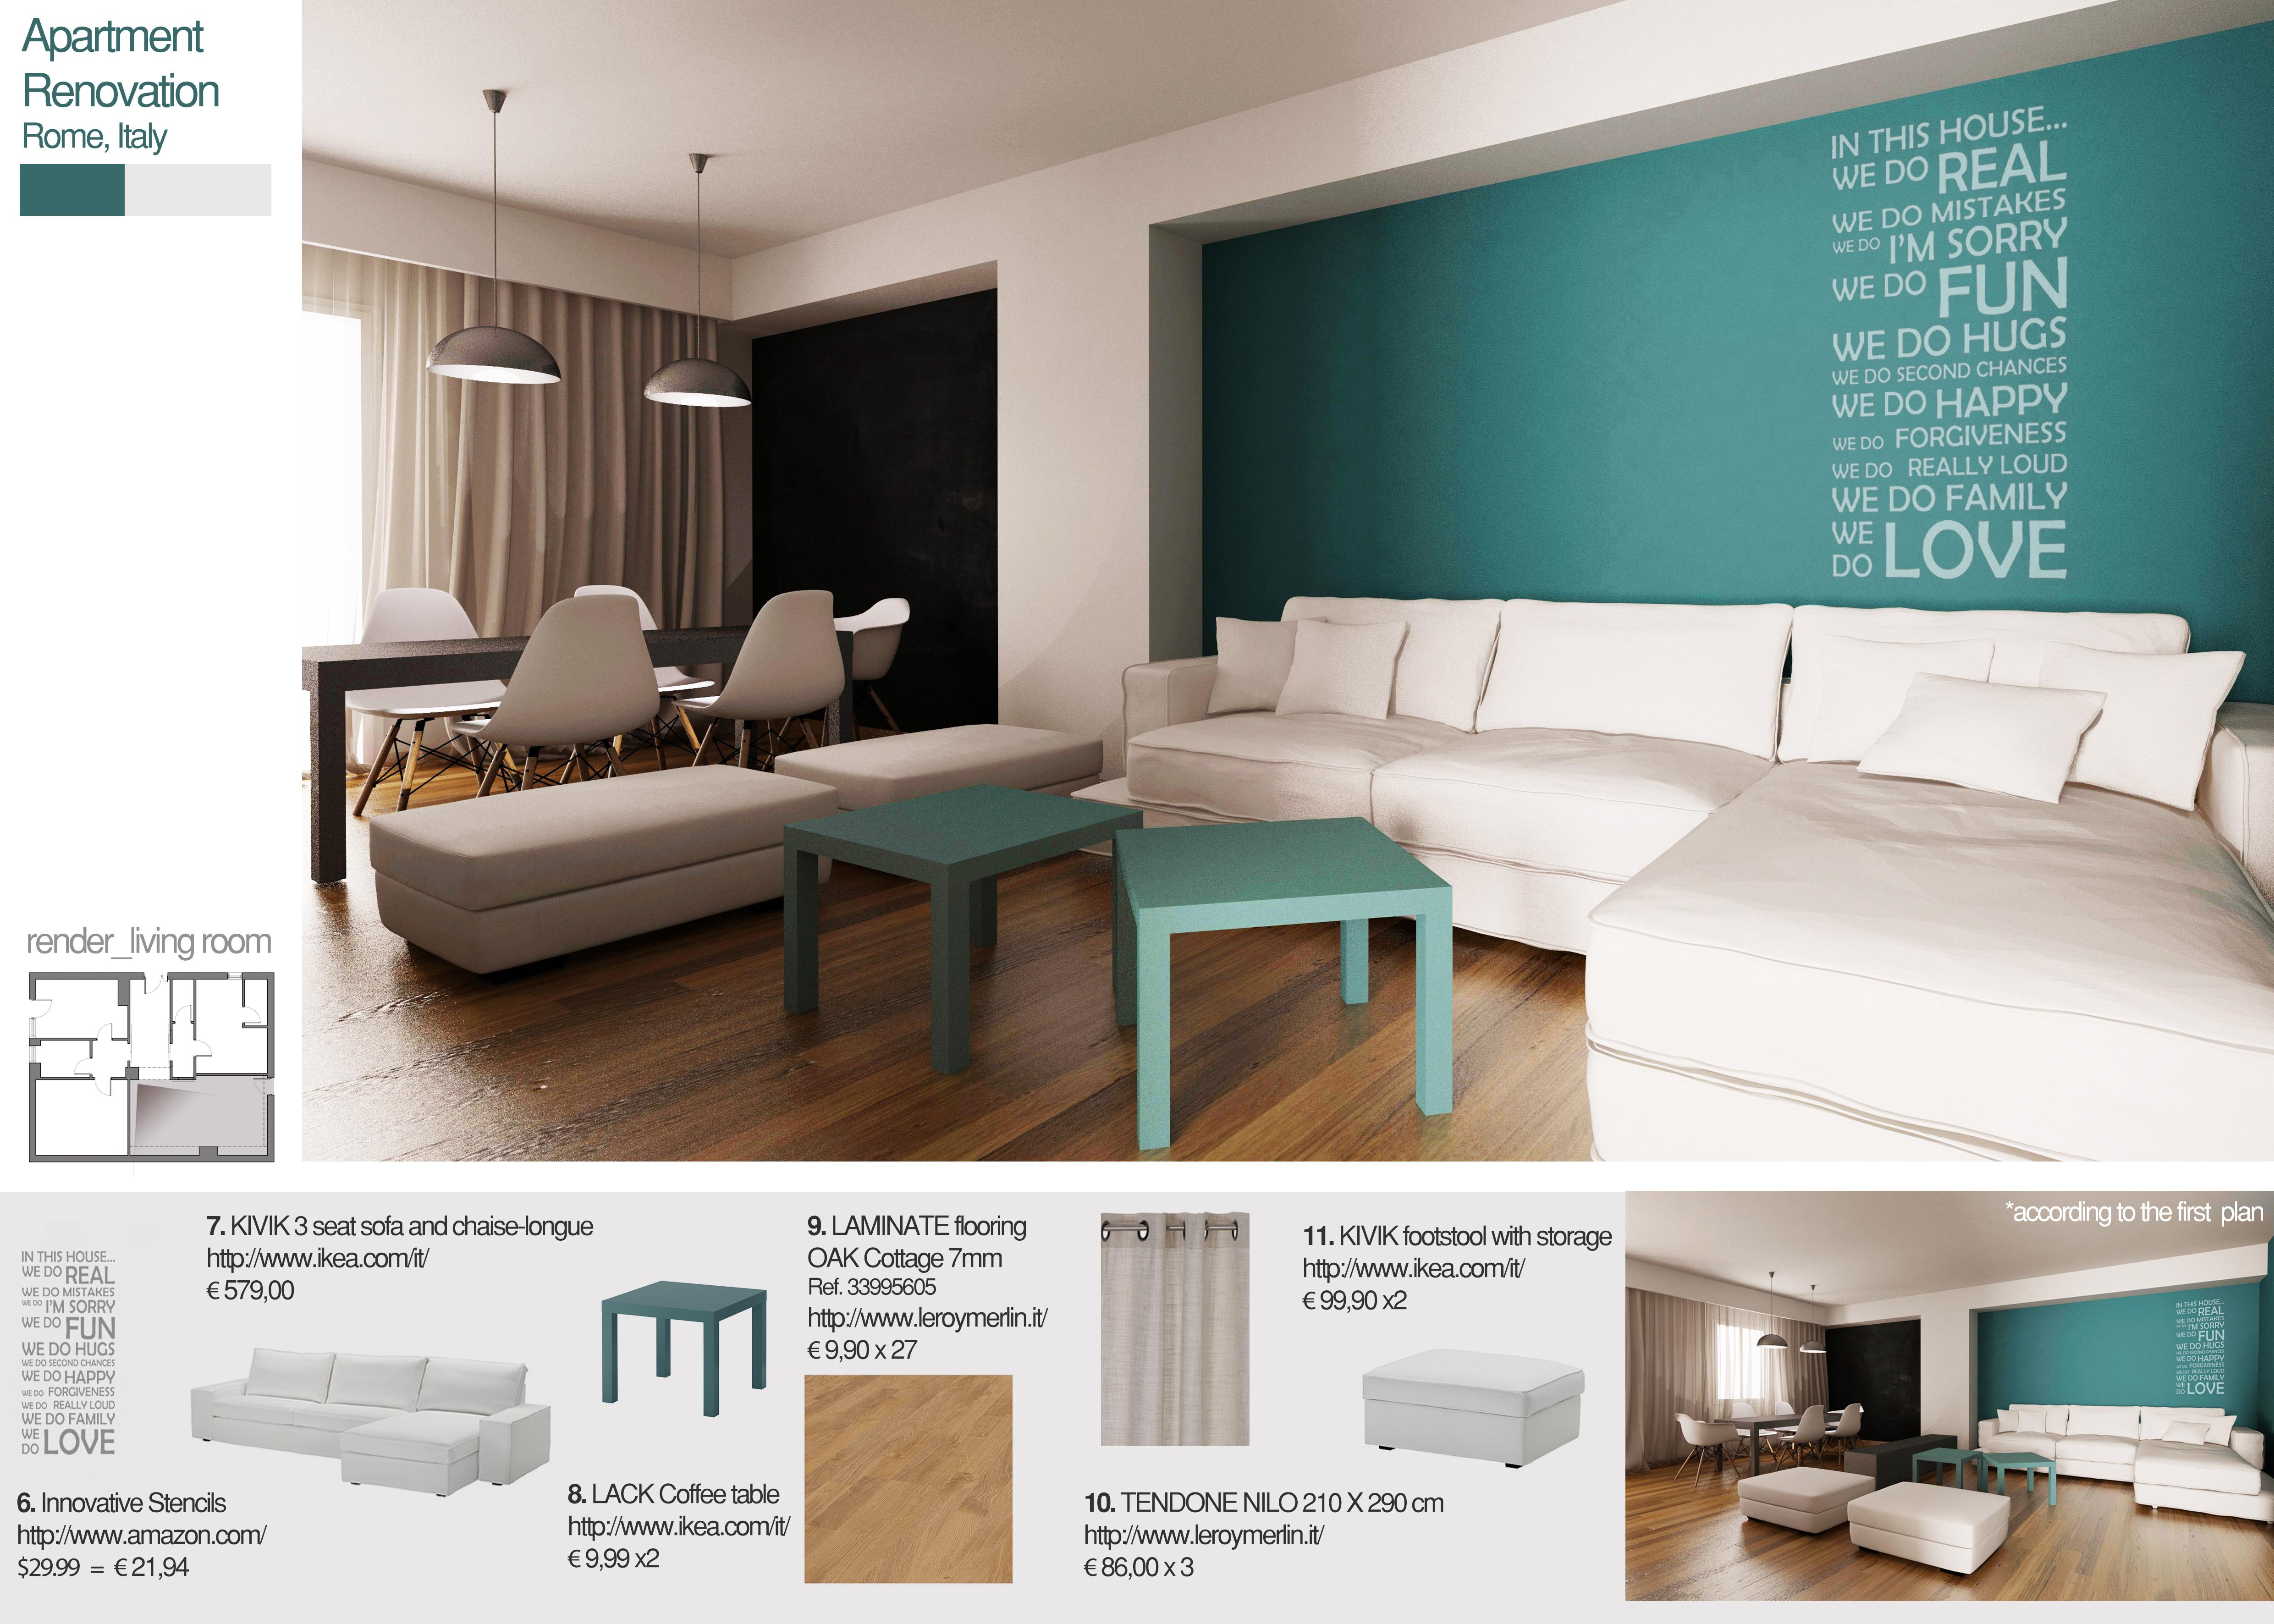 6 idee per rinnovare casa e venderla più facilmente (fotogallery ...